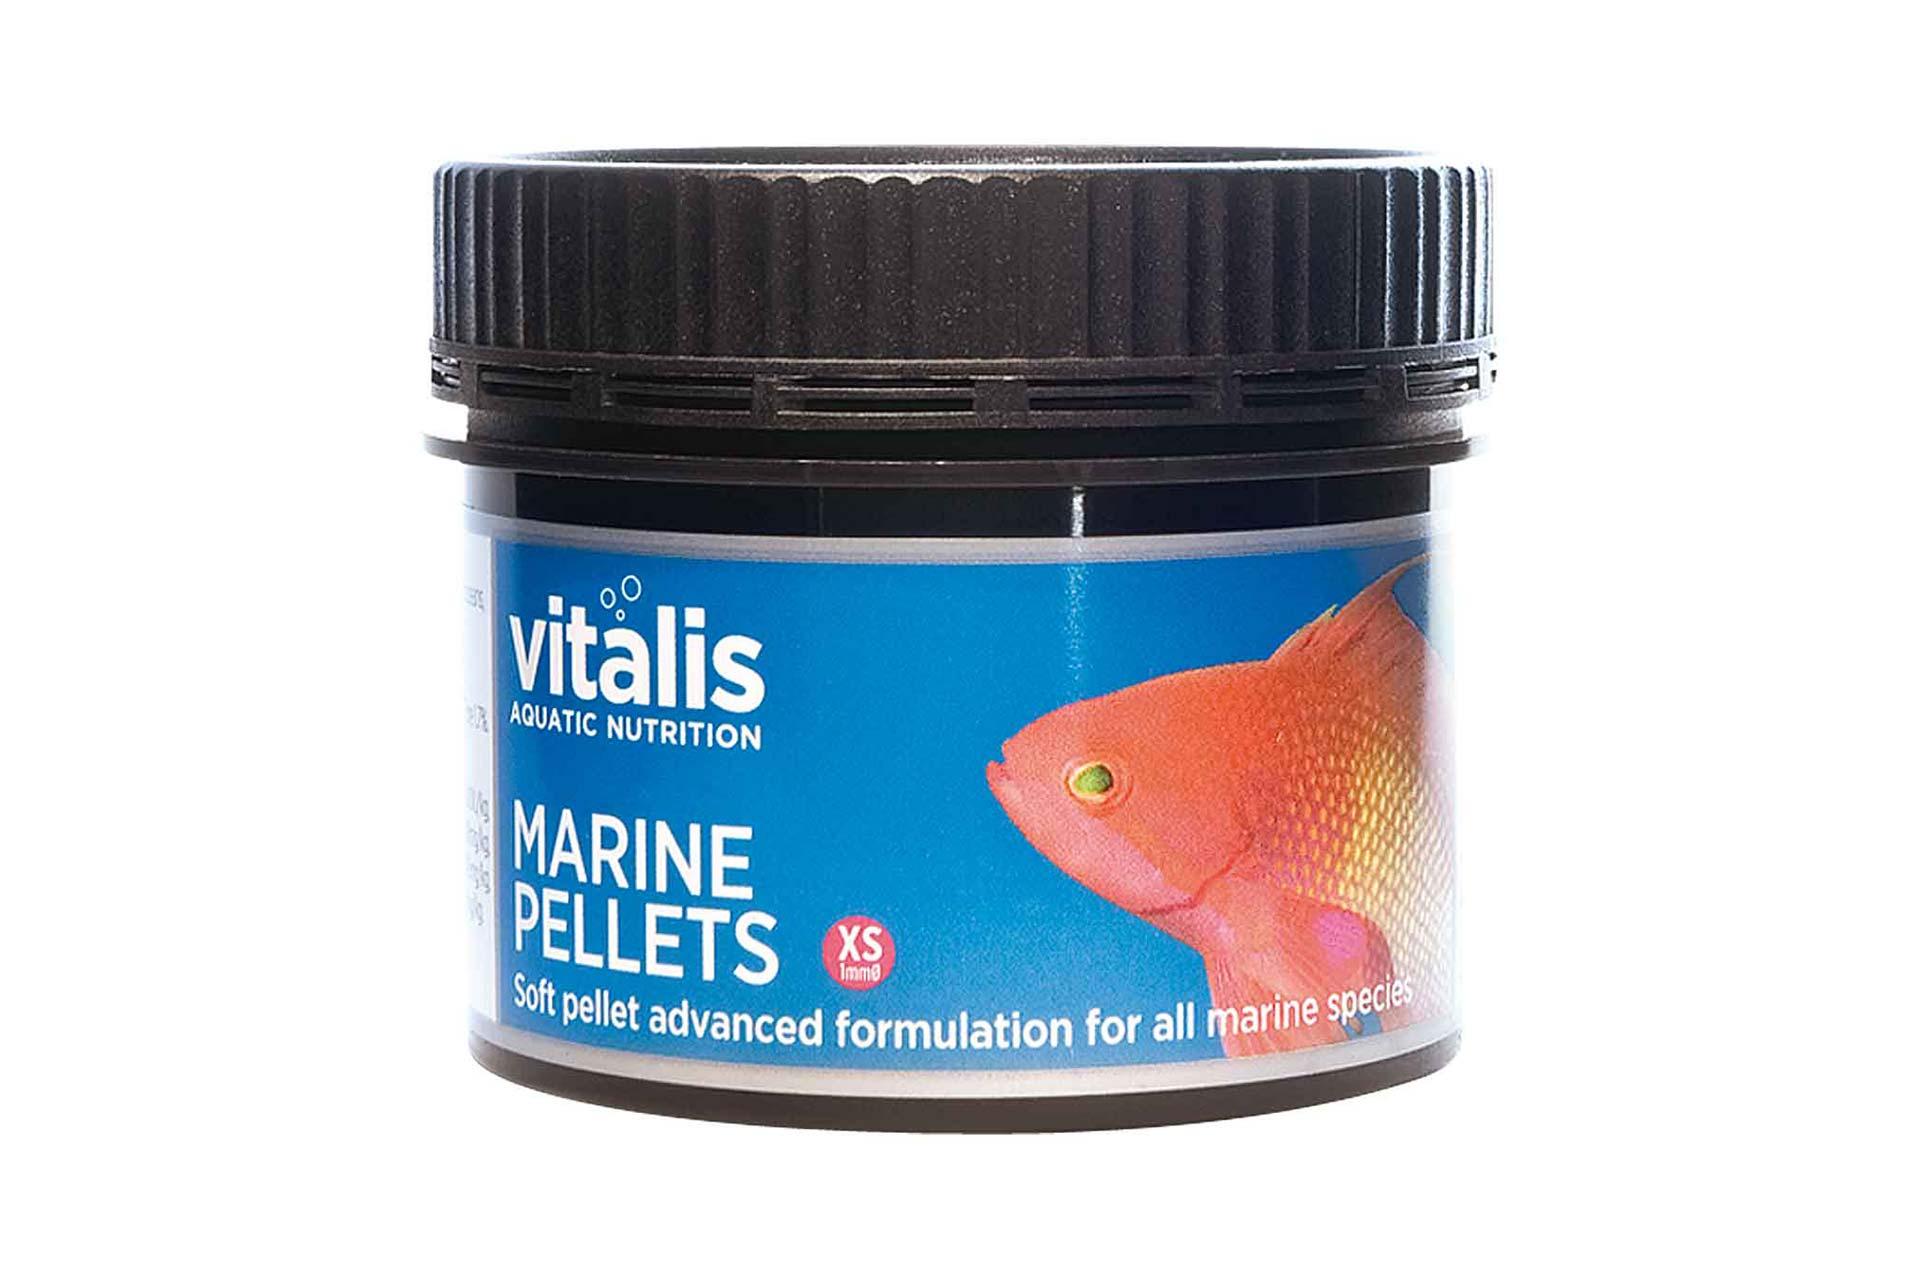 New Era/Vitalis Marine Pellets XS/1mm 60g fish food